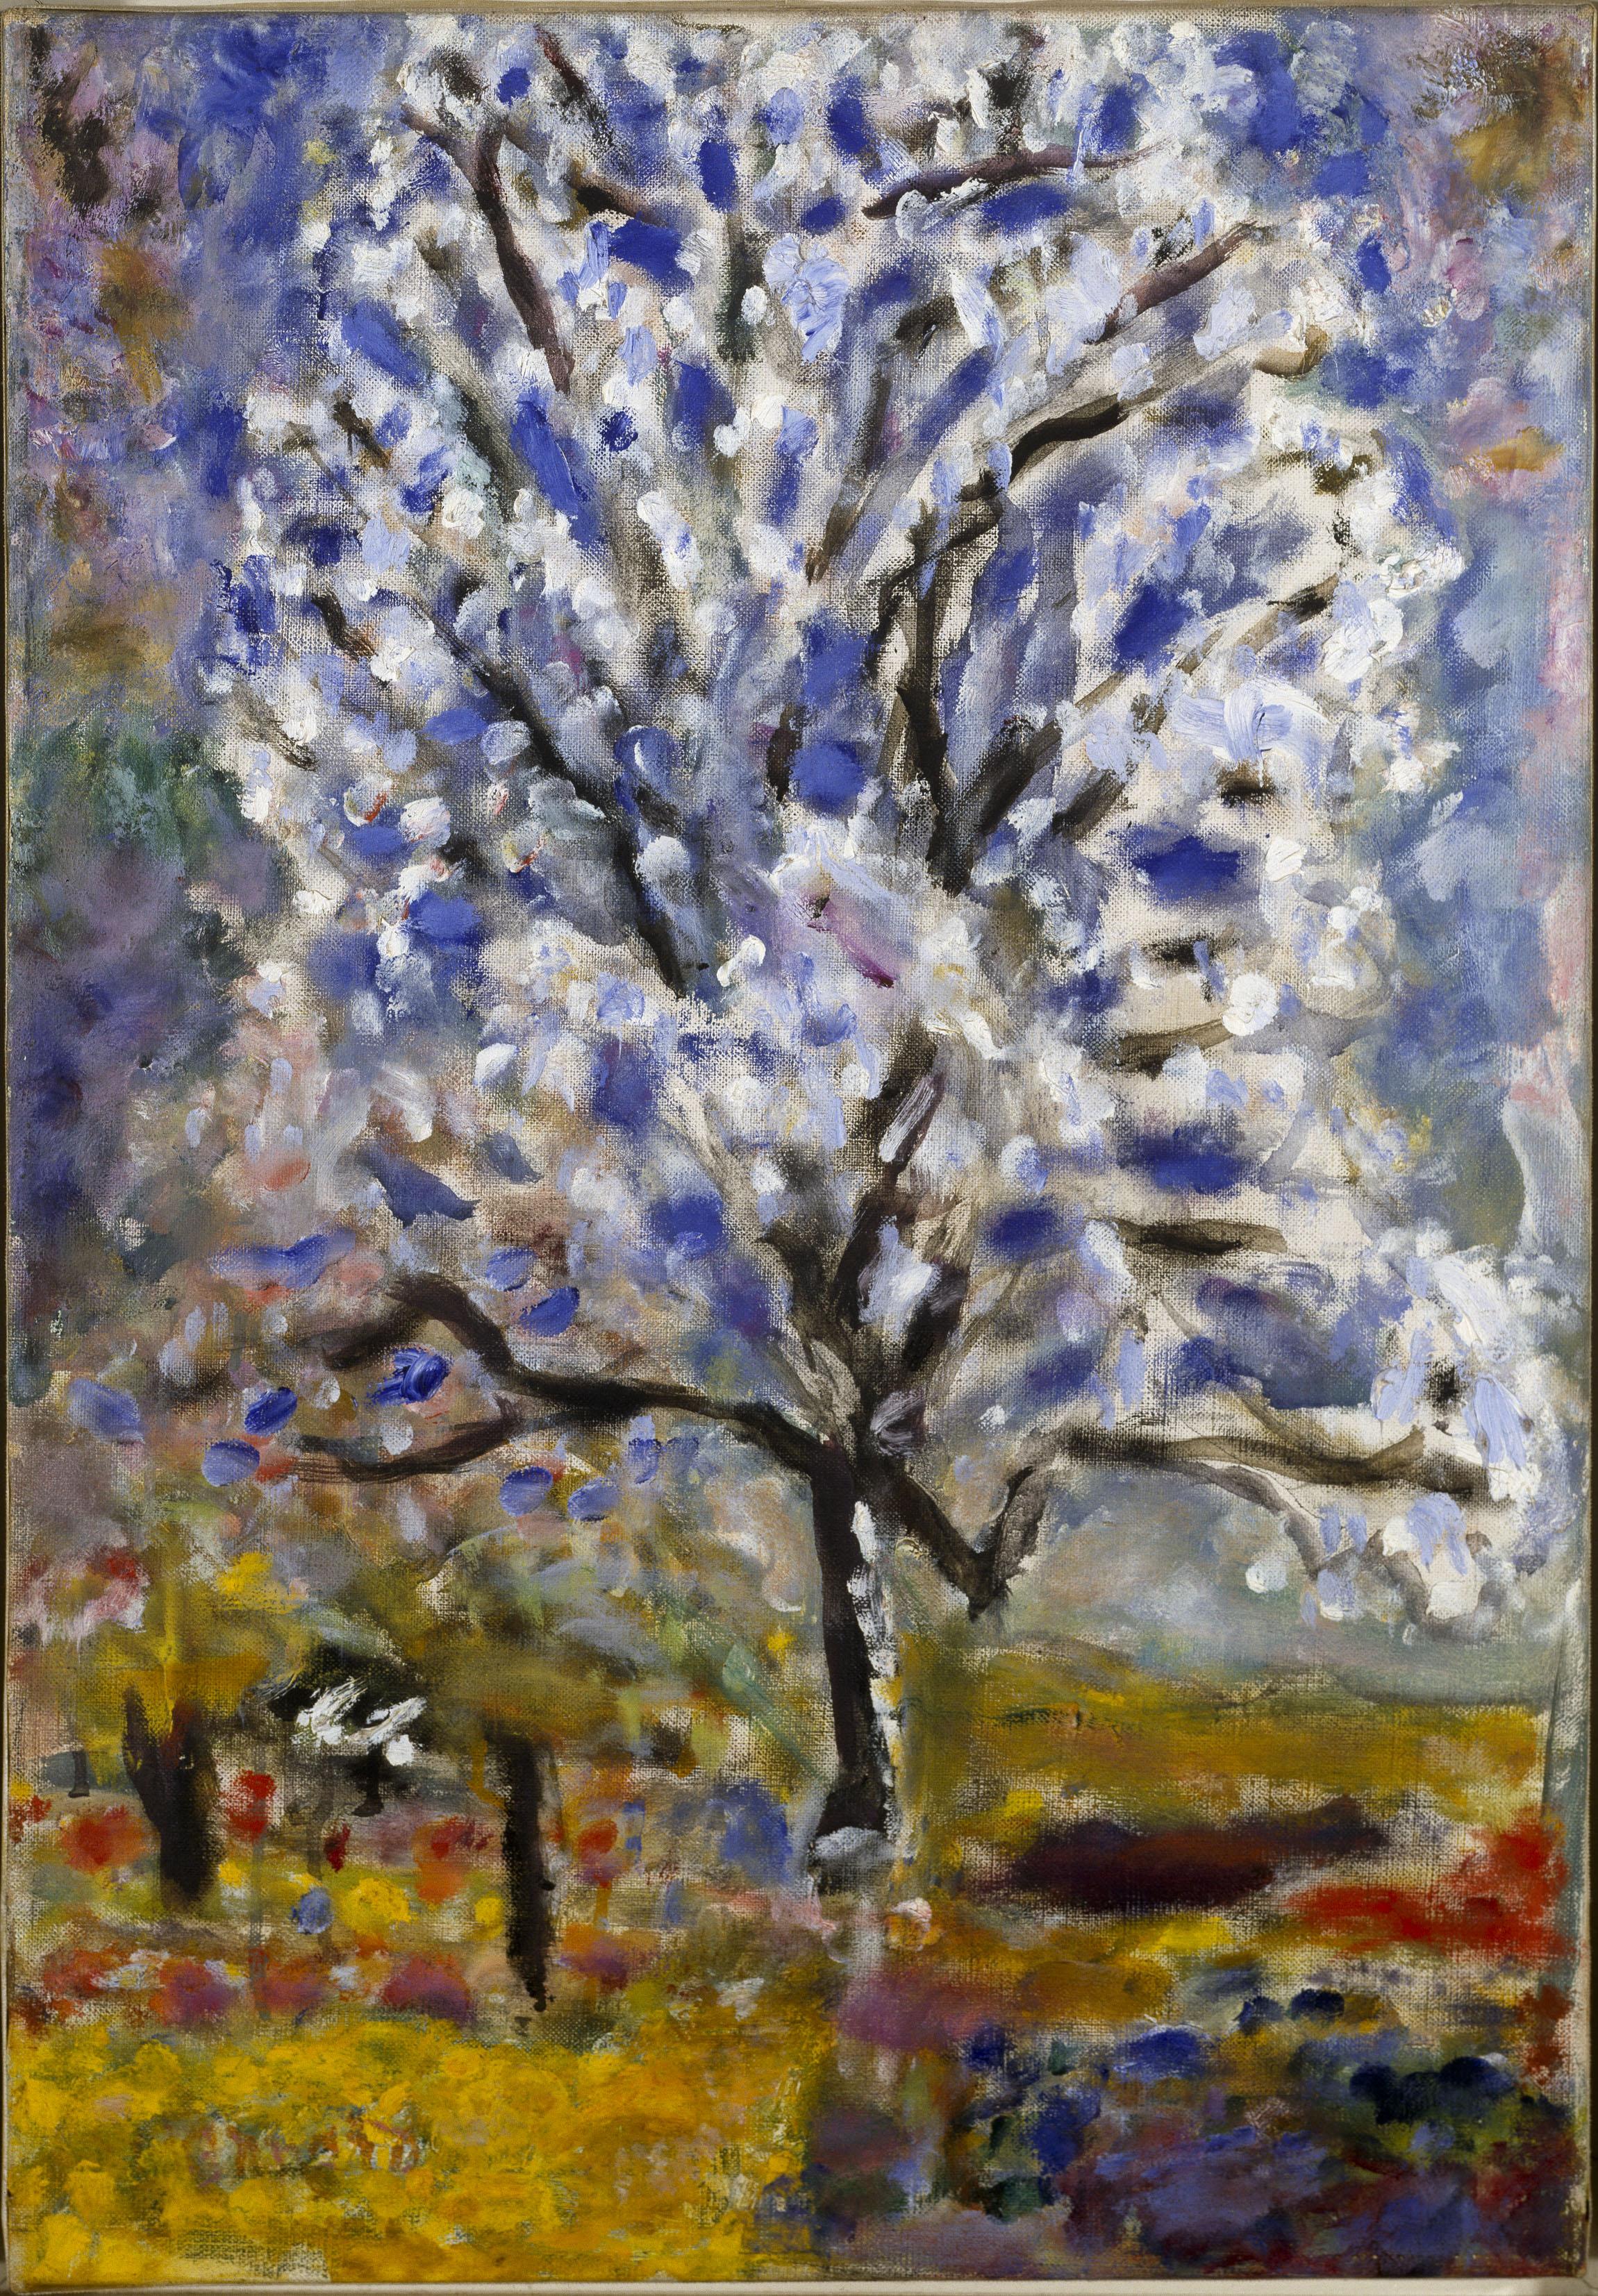 Pierre bonnard peindre l 39 arcadie luxe calme feint for Combien prend un peintre au m2